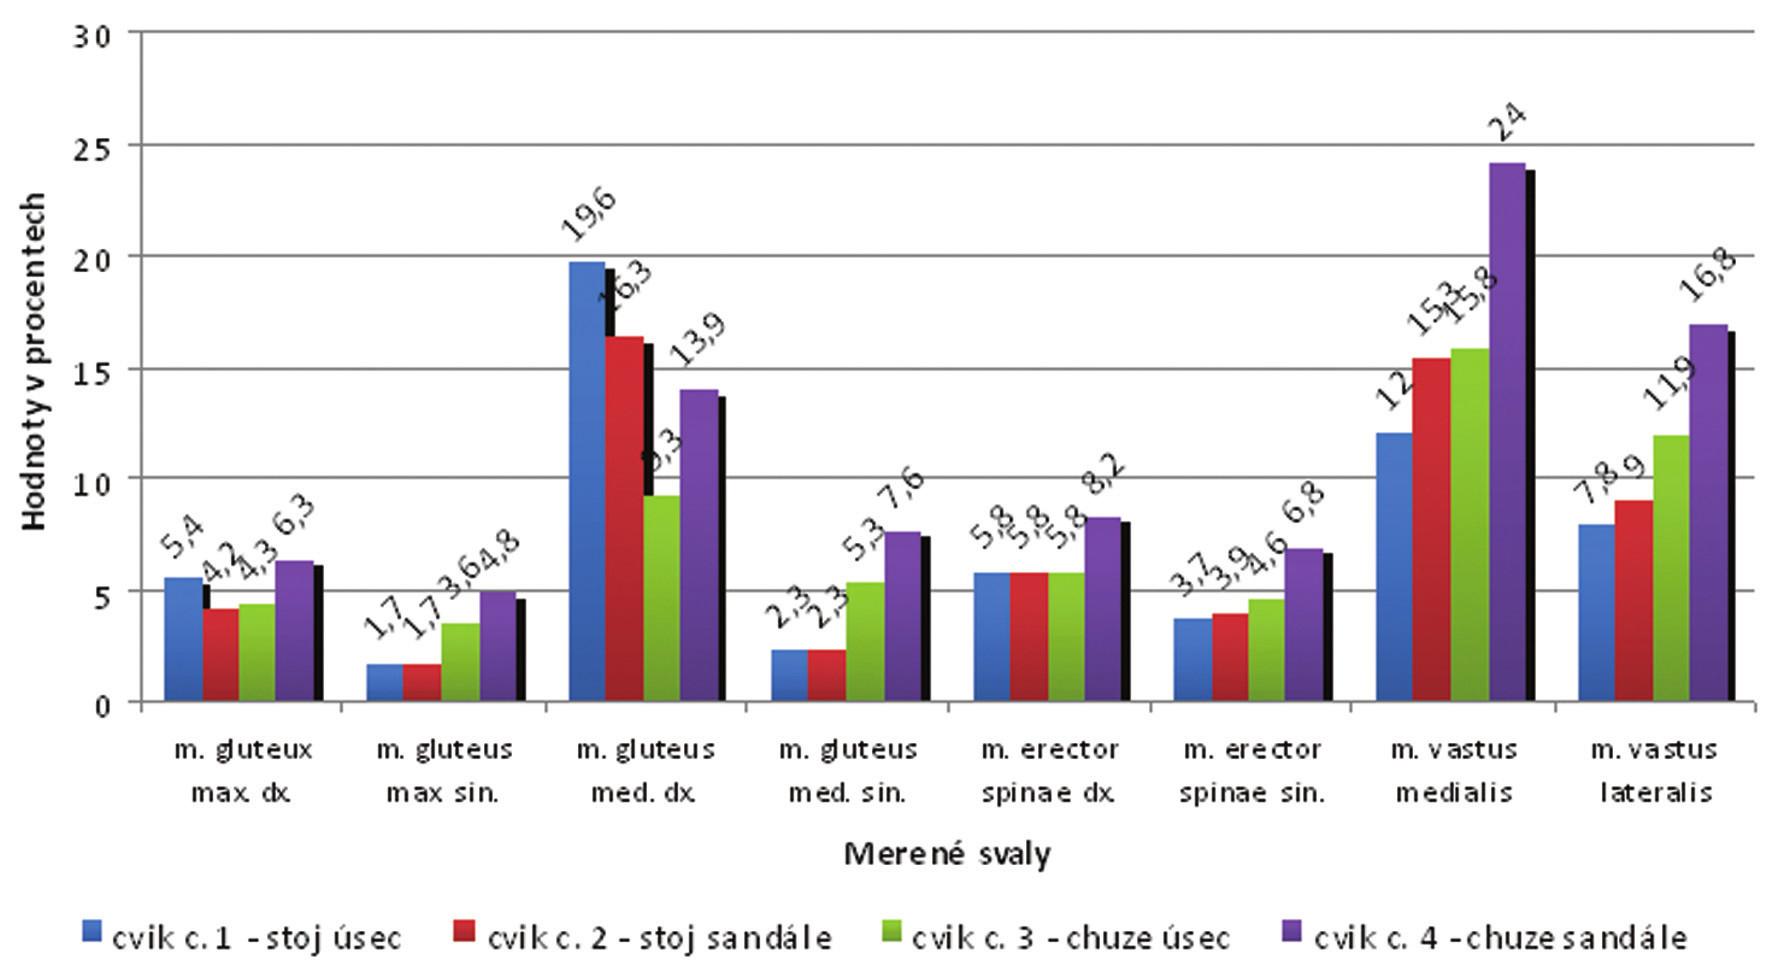 Proband č. 6 - hodnoty % MVC u všech cviků.